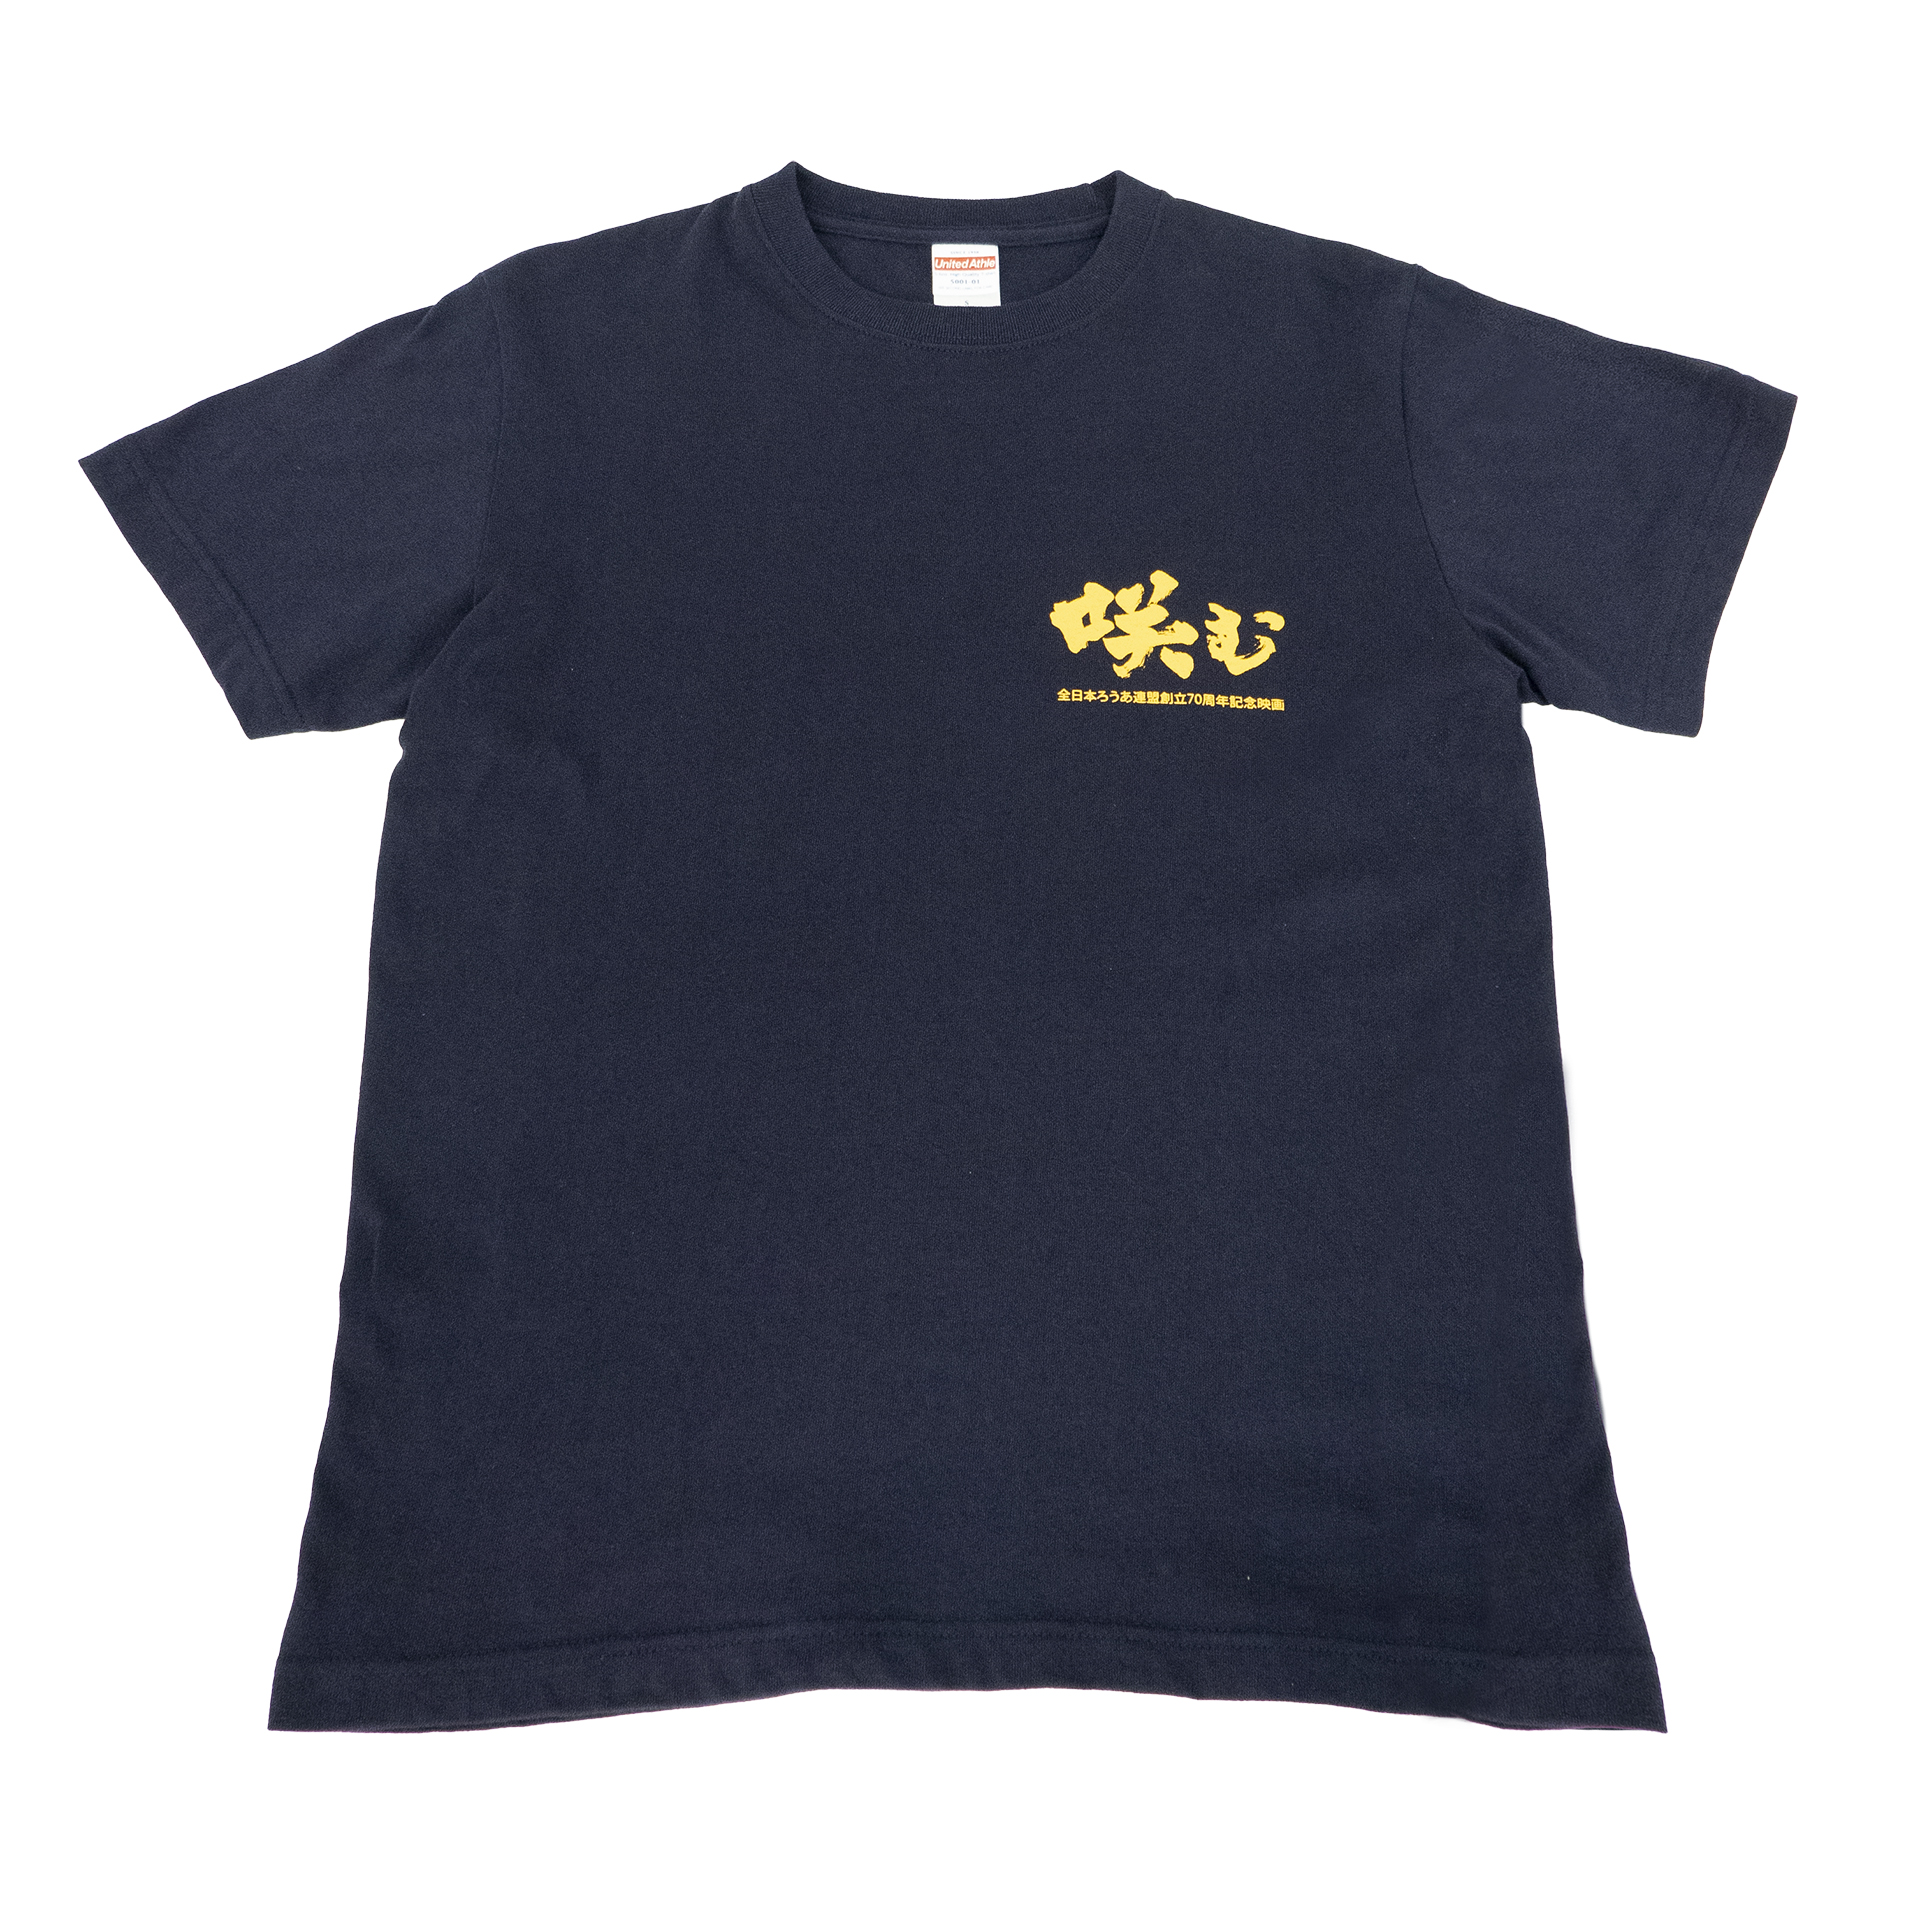 咲む Tシャツ(表)